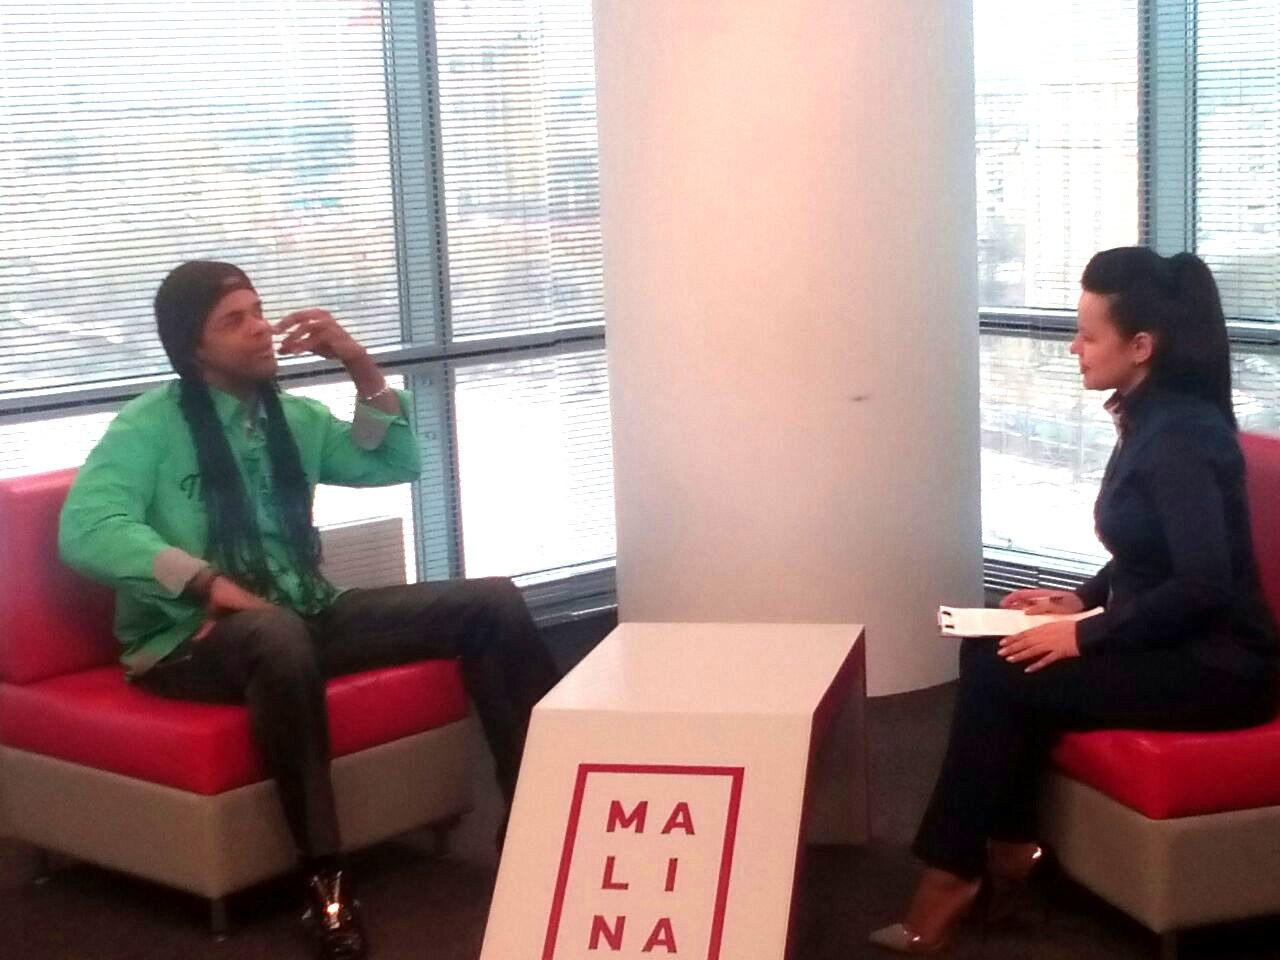 TV Malina.Am (25.03.16)